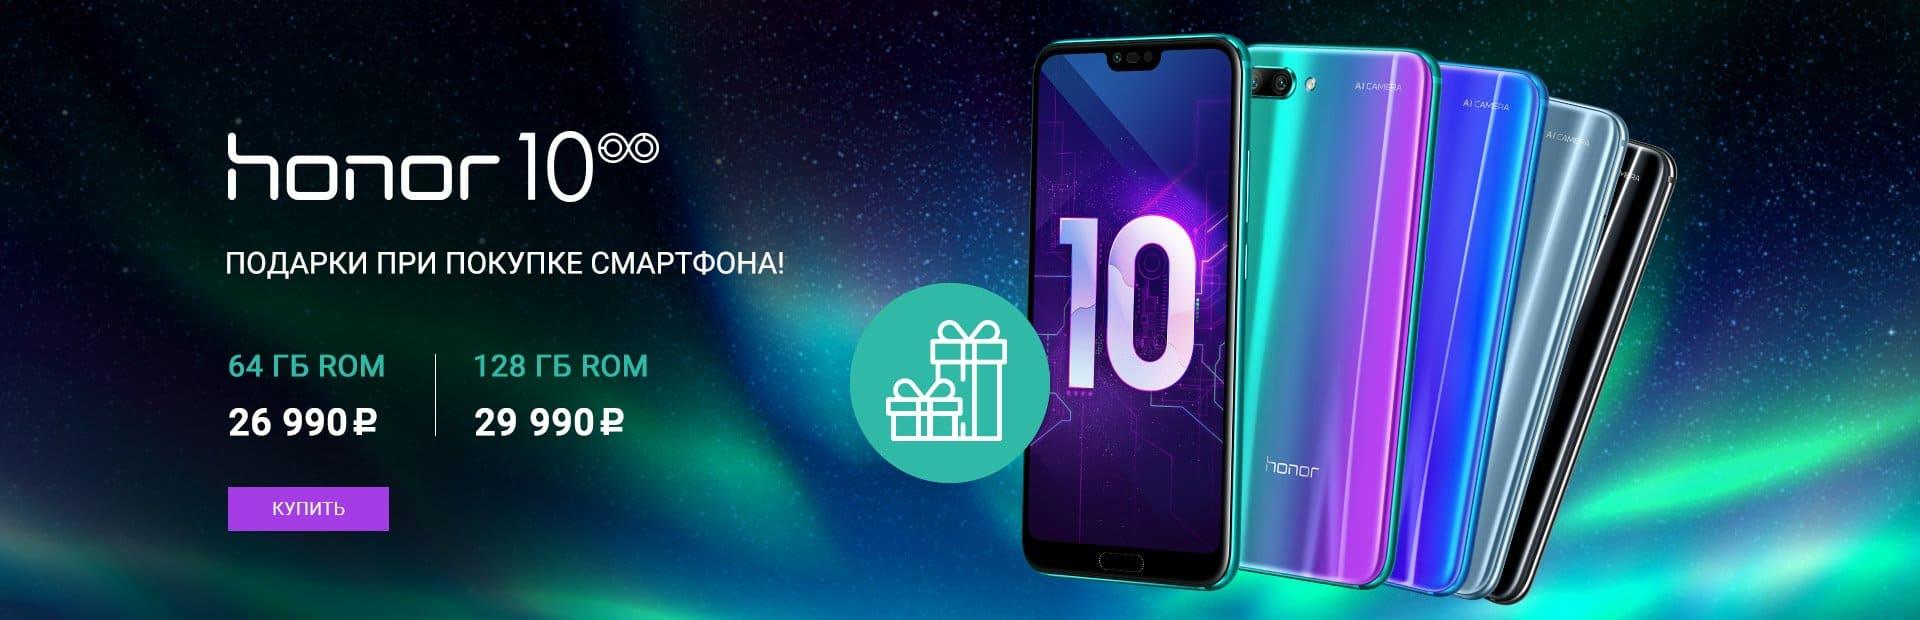 Подарки за покупки смартфонов и планшетов в Shop Huawei